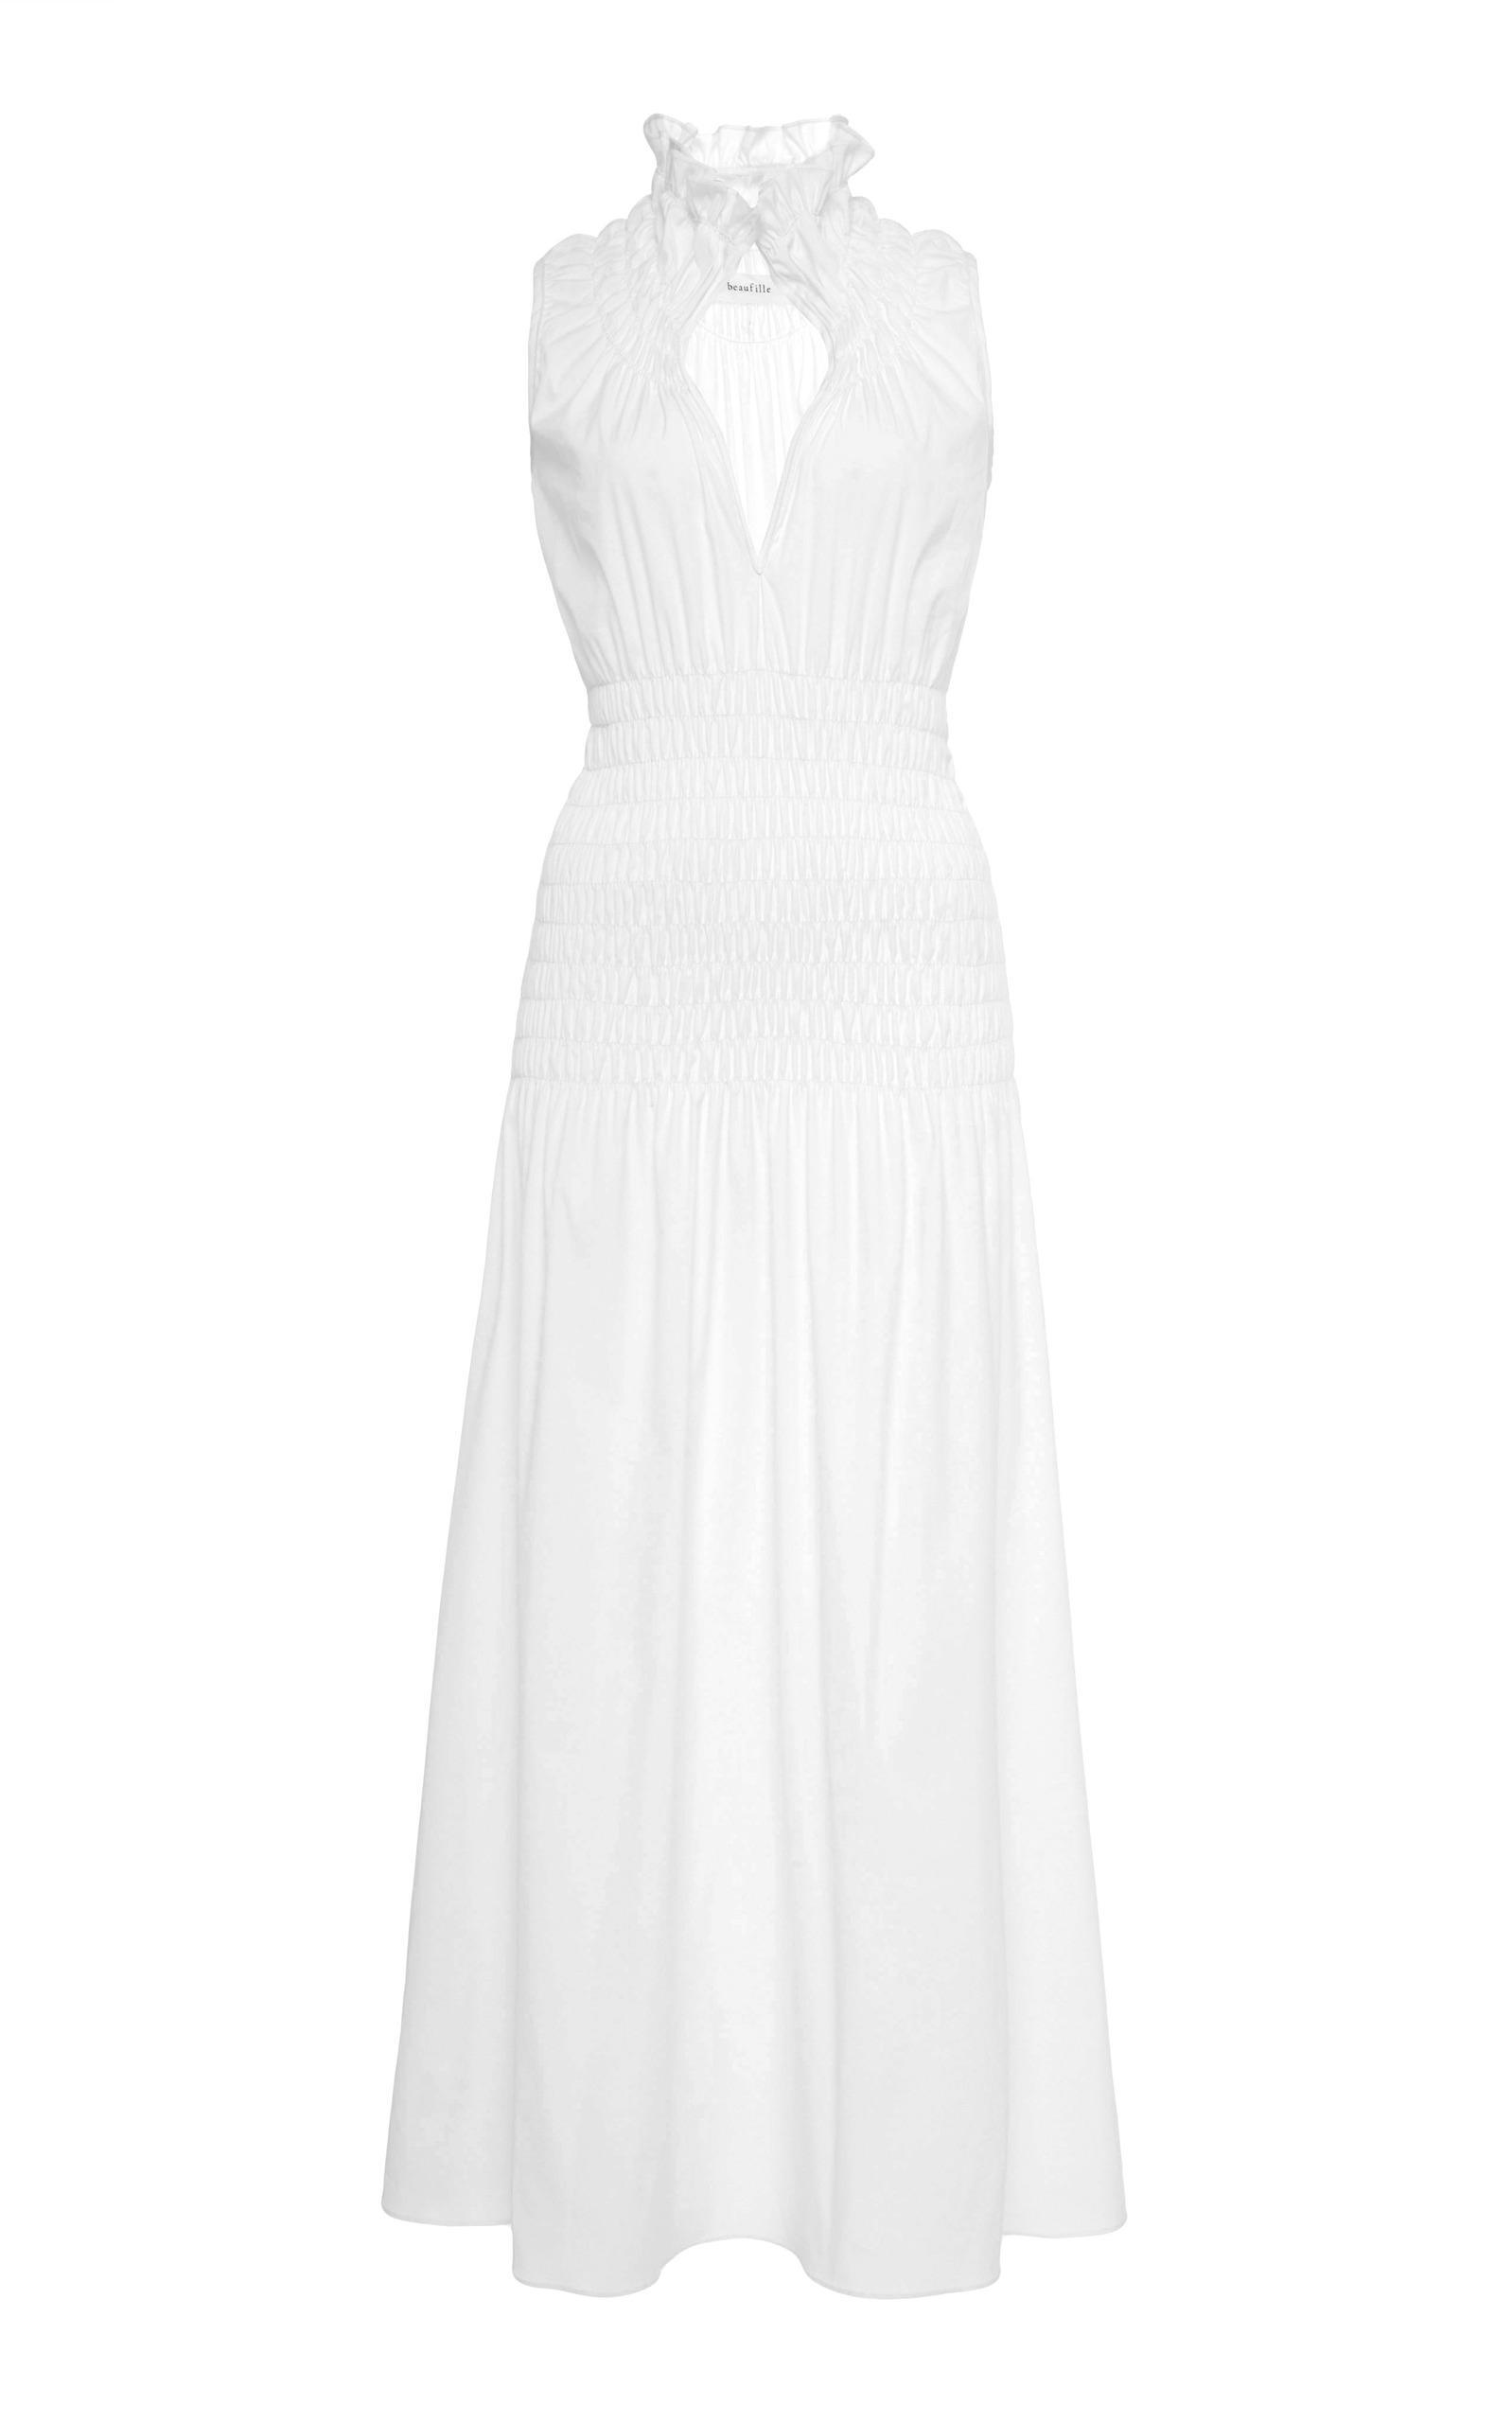 Beaufille Daphne Poplin Dress In White